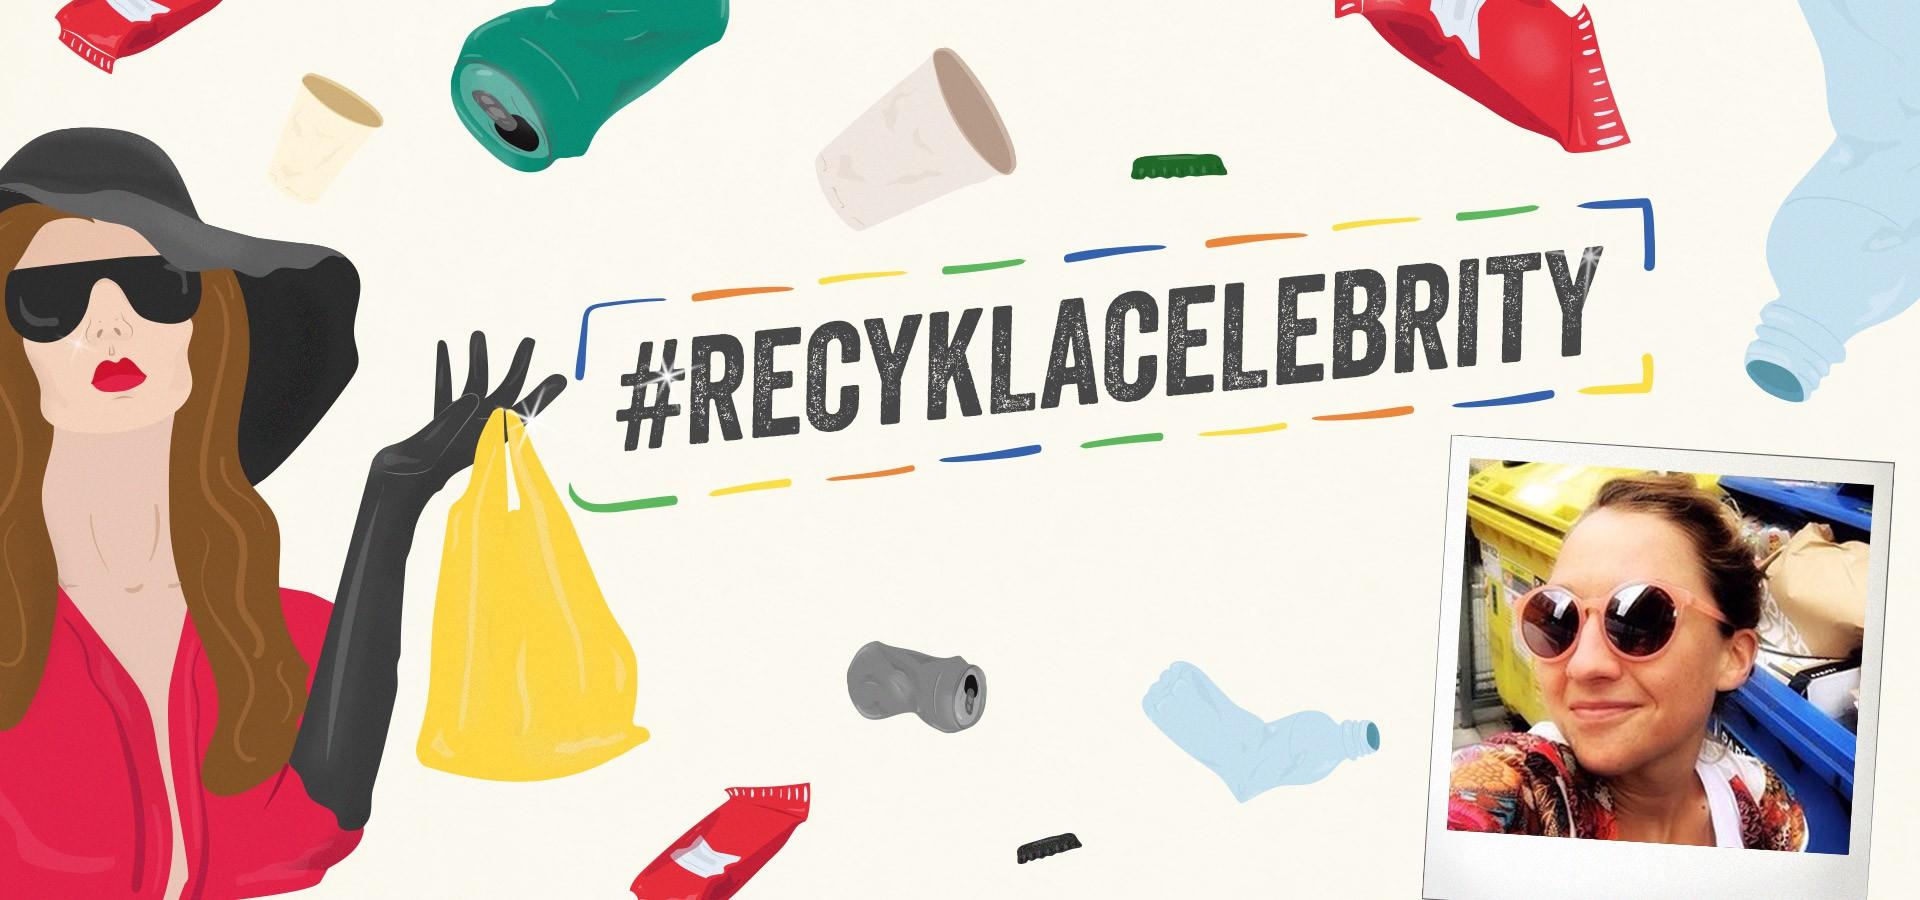 recyklacelebrity_recyklace_tereza_tobiasova